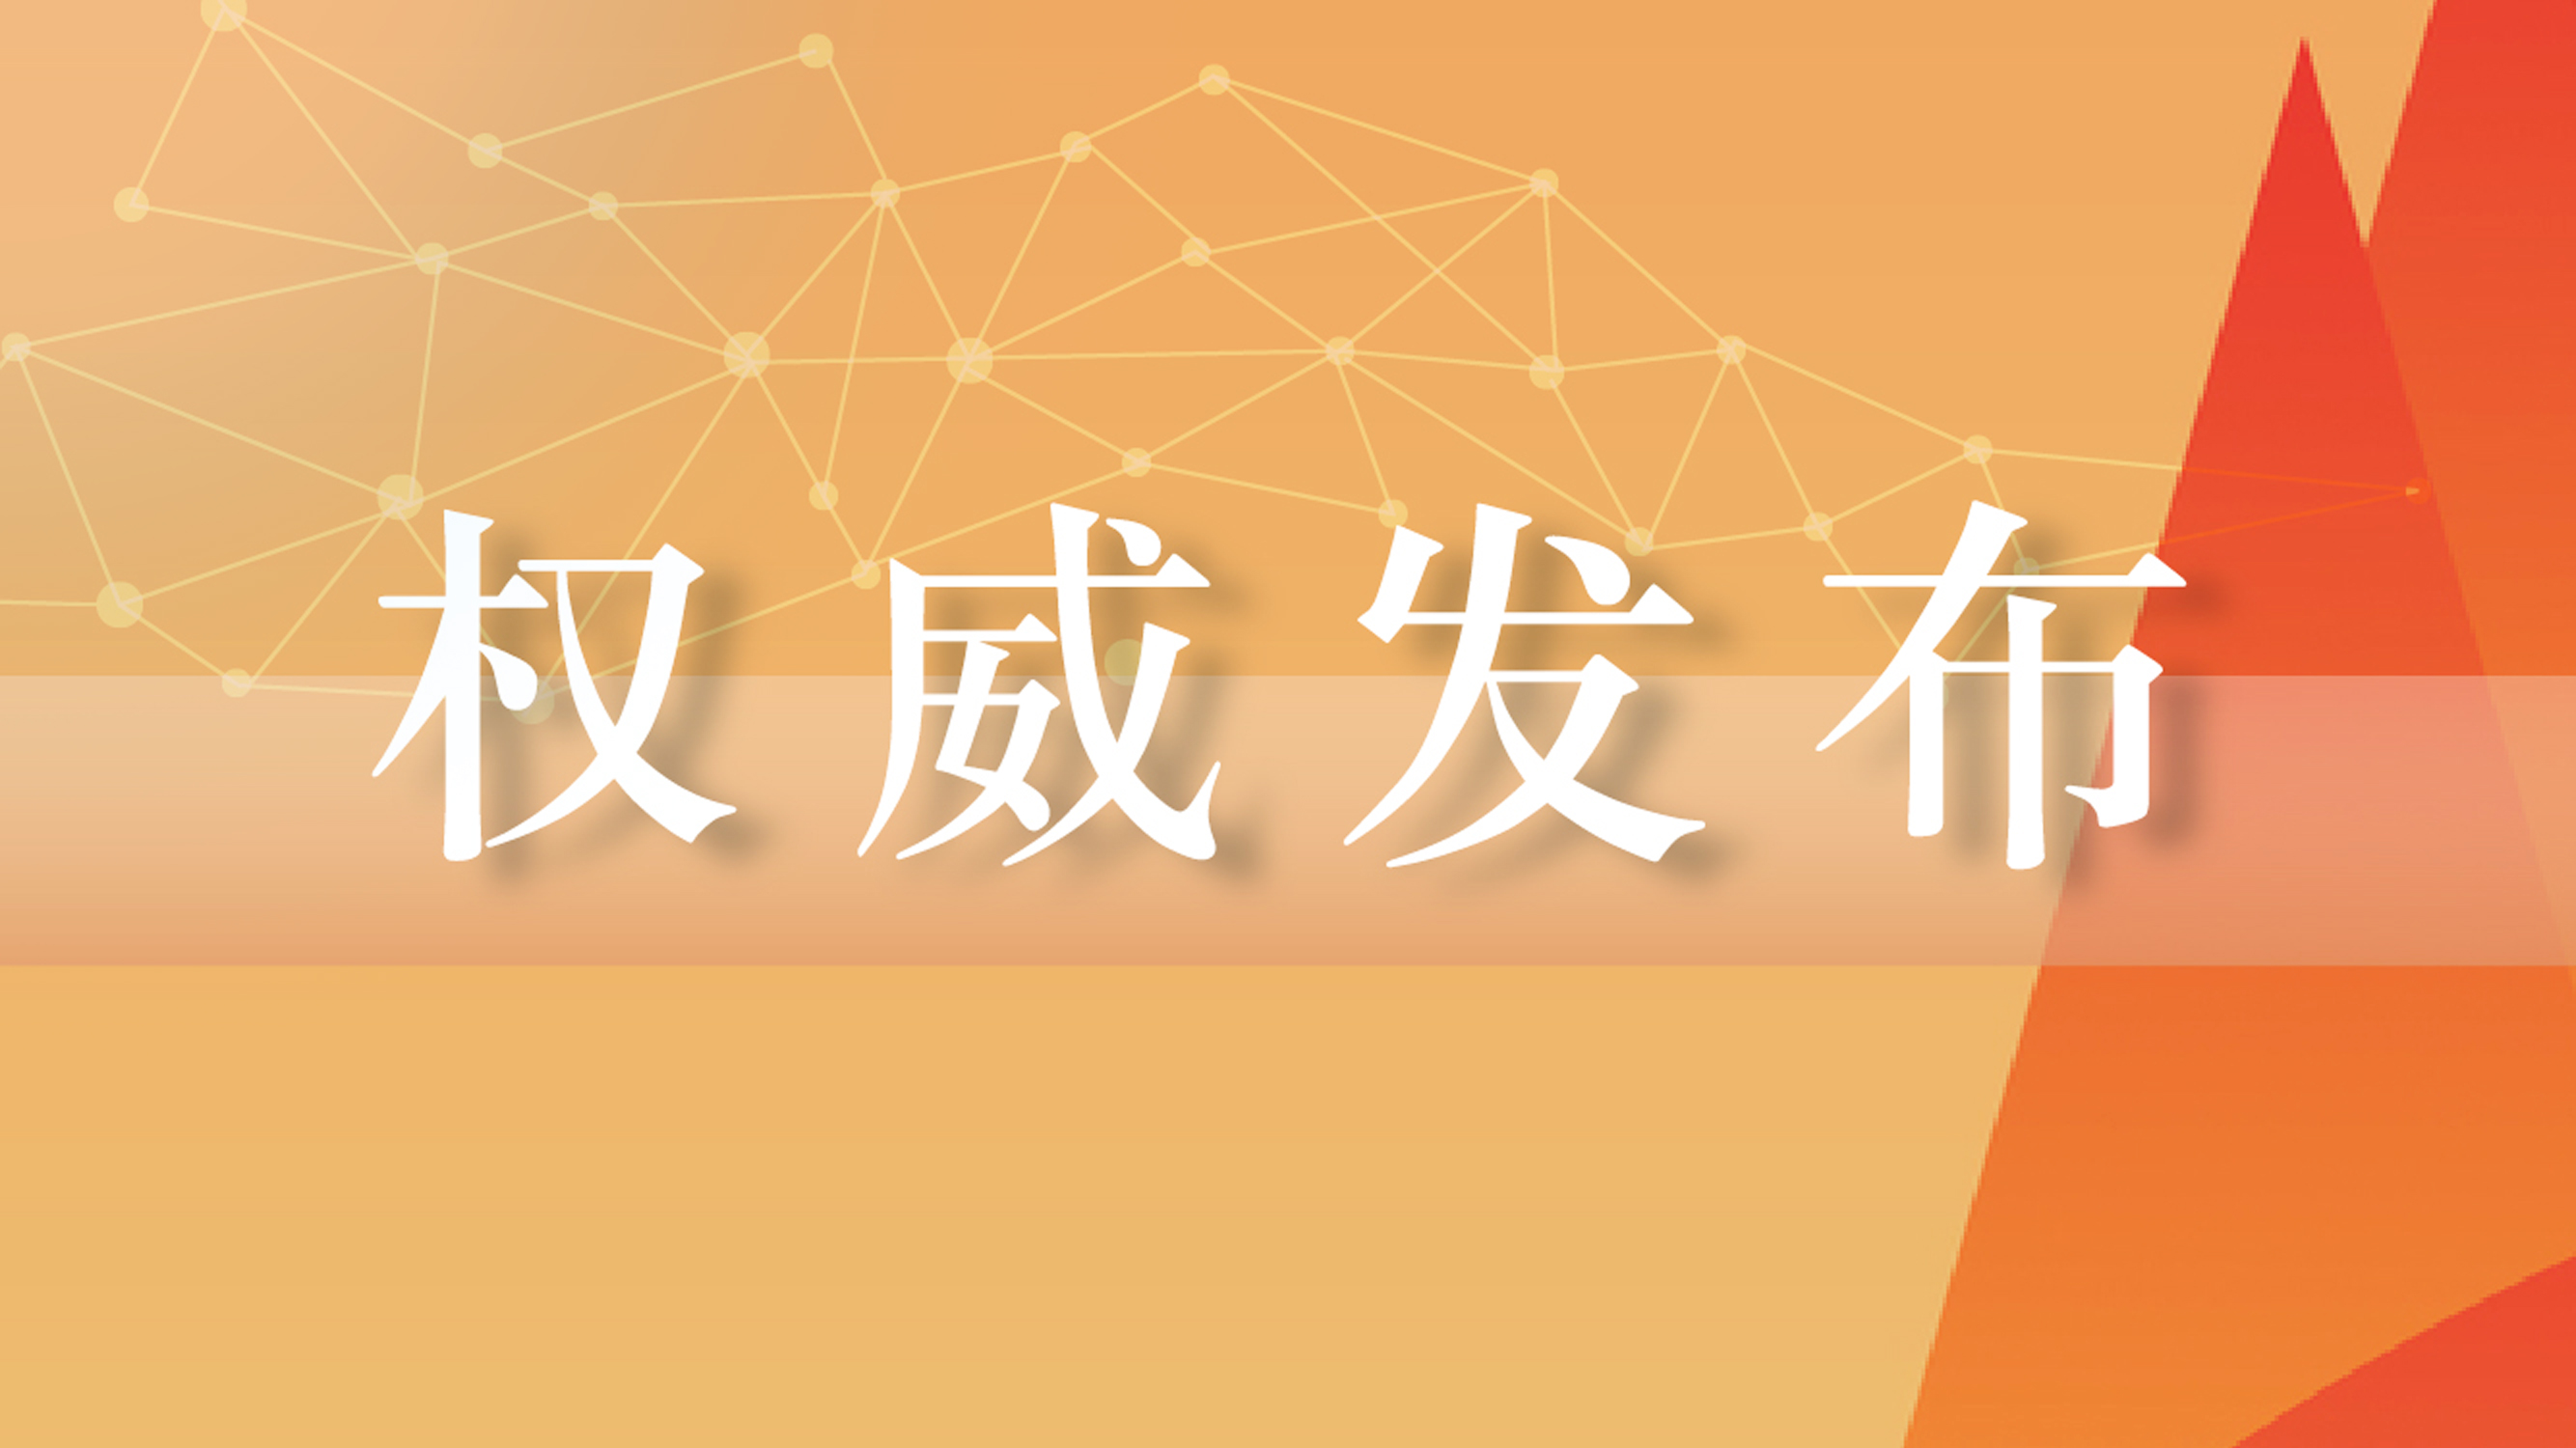 四川省交通投资集团有限责任公司党委书记、董事长雷洪金 接受纪律审查和监察调查